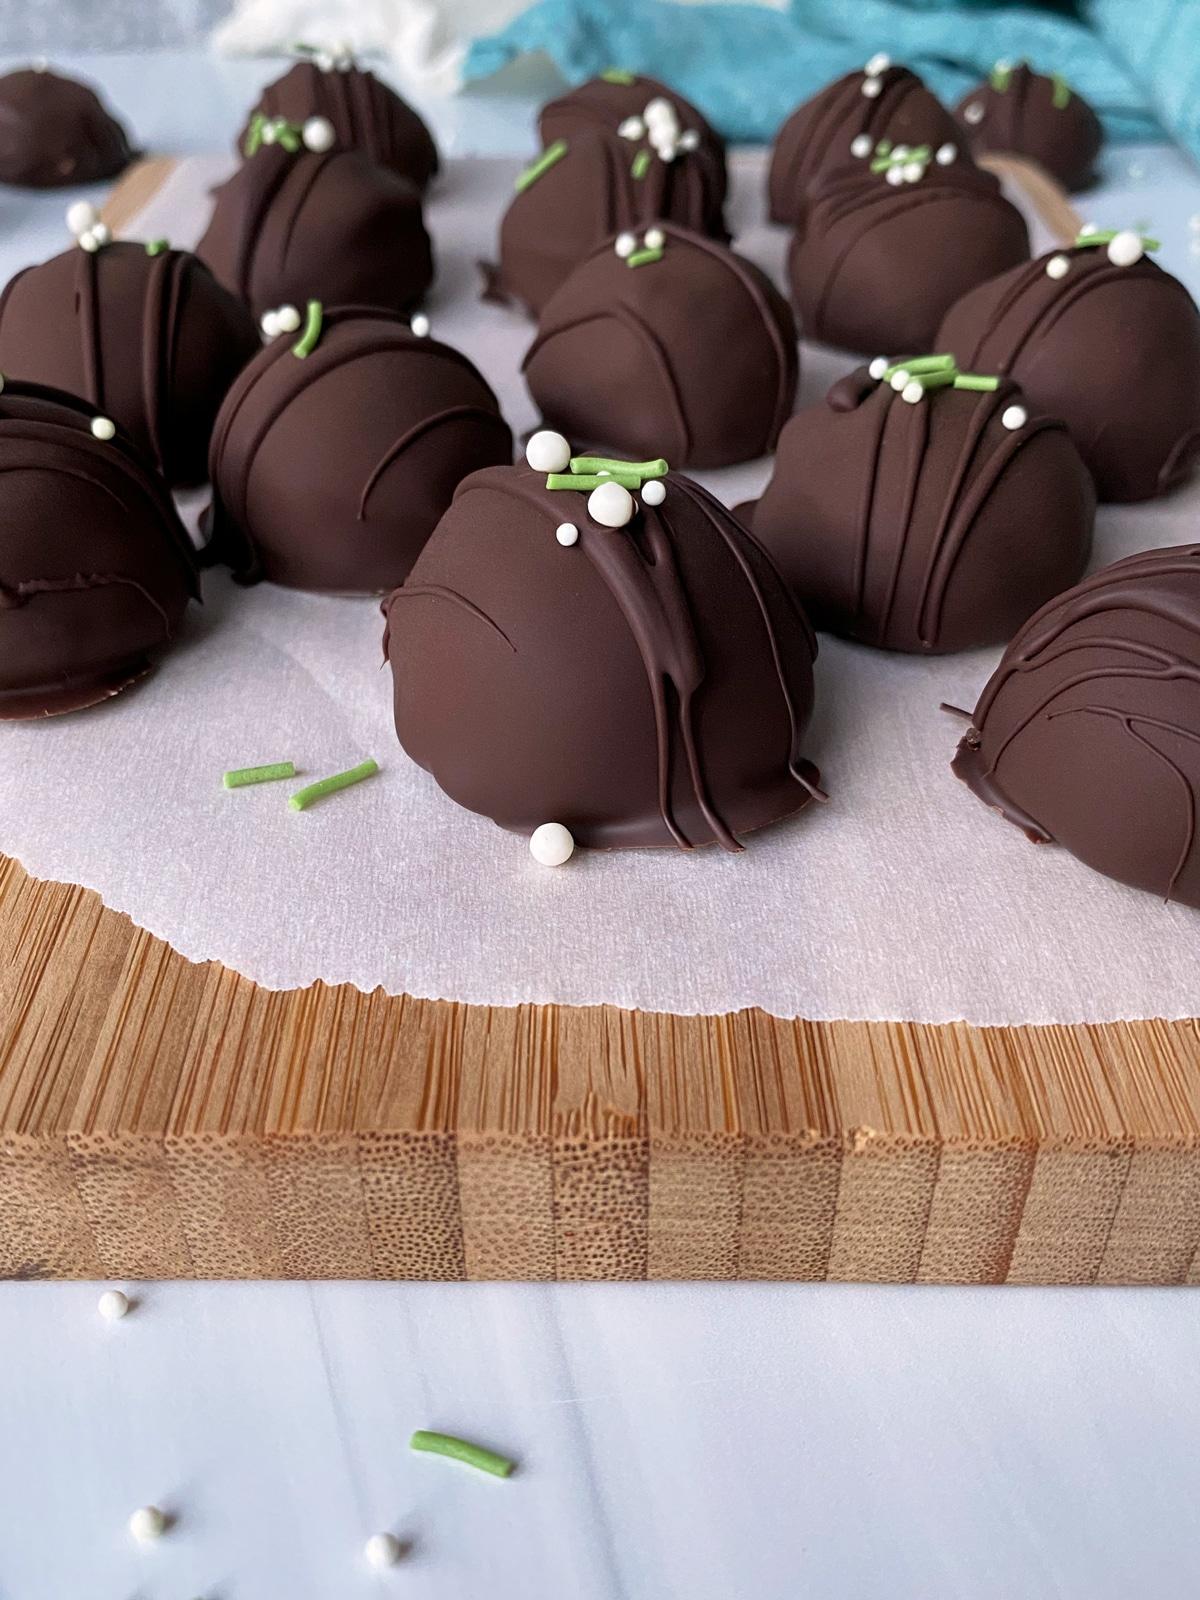 peppermint-truffles